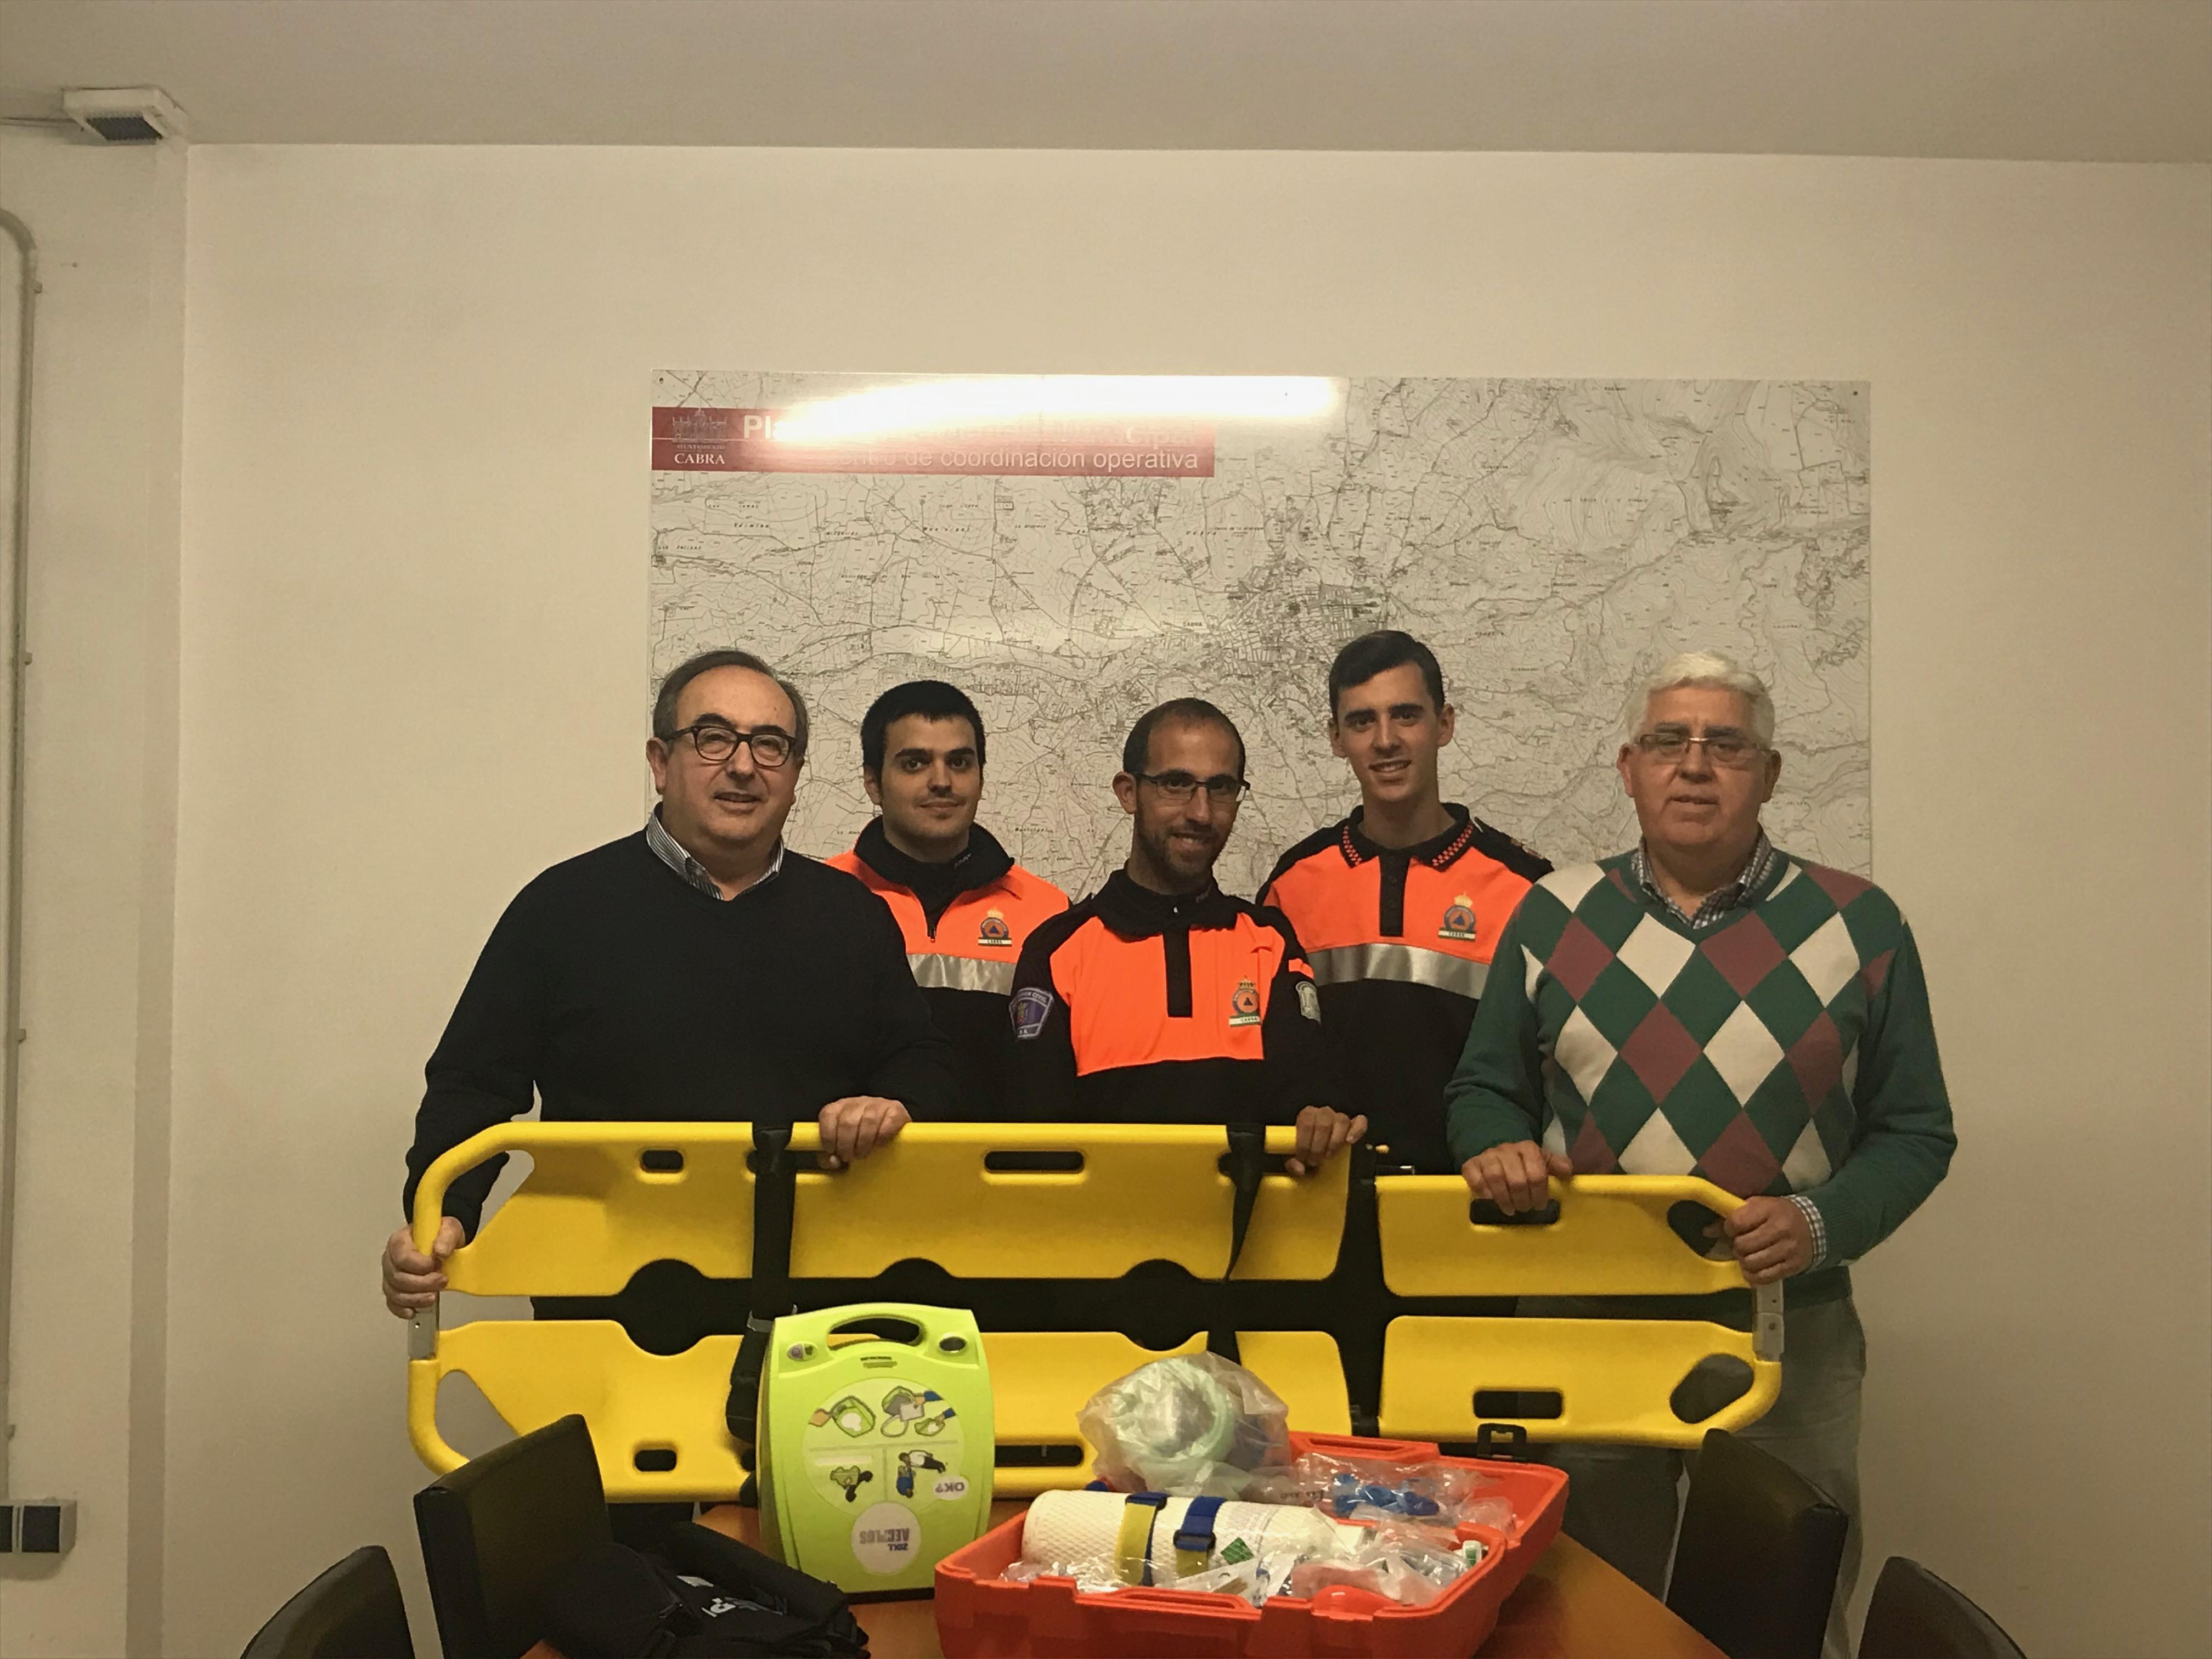 Protección Civil en Cabra recibe nuevo material técnico para su Área Sanitaria